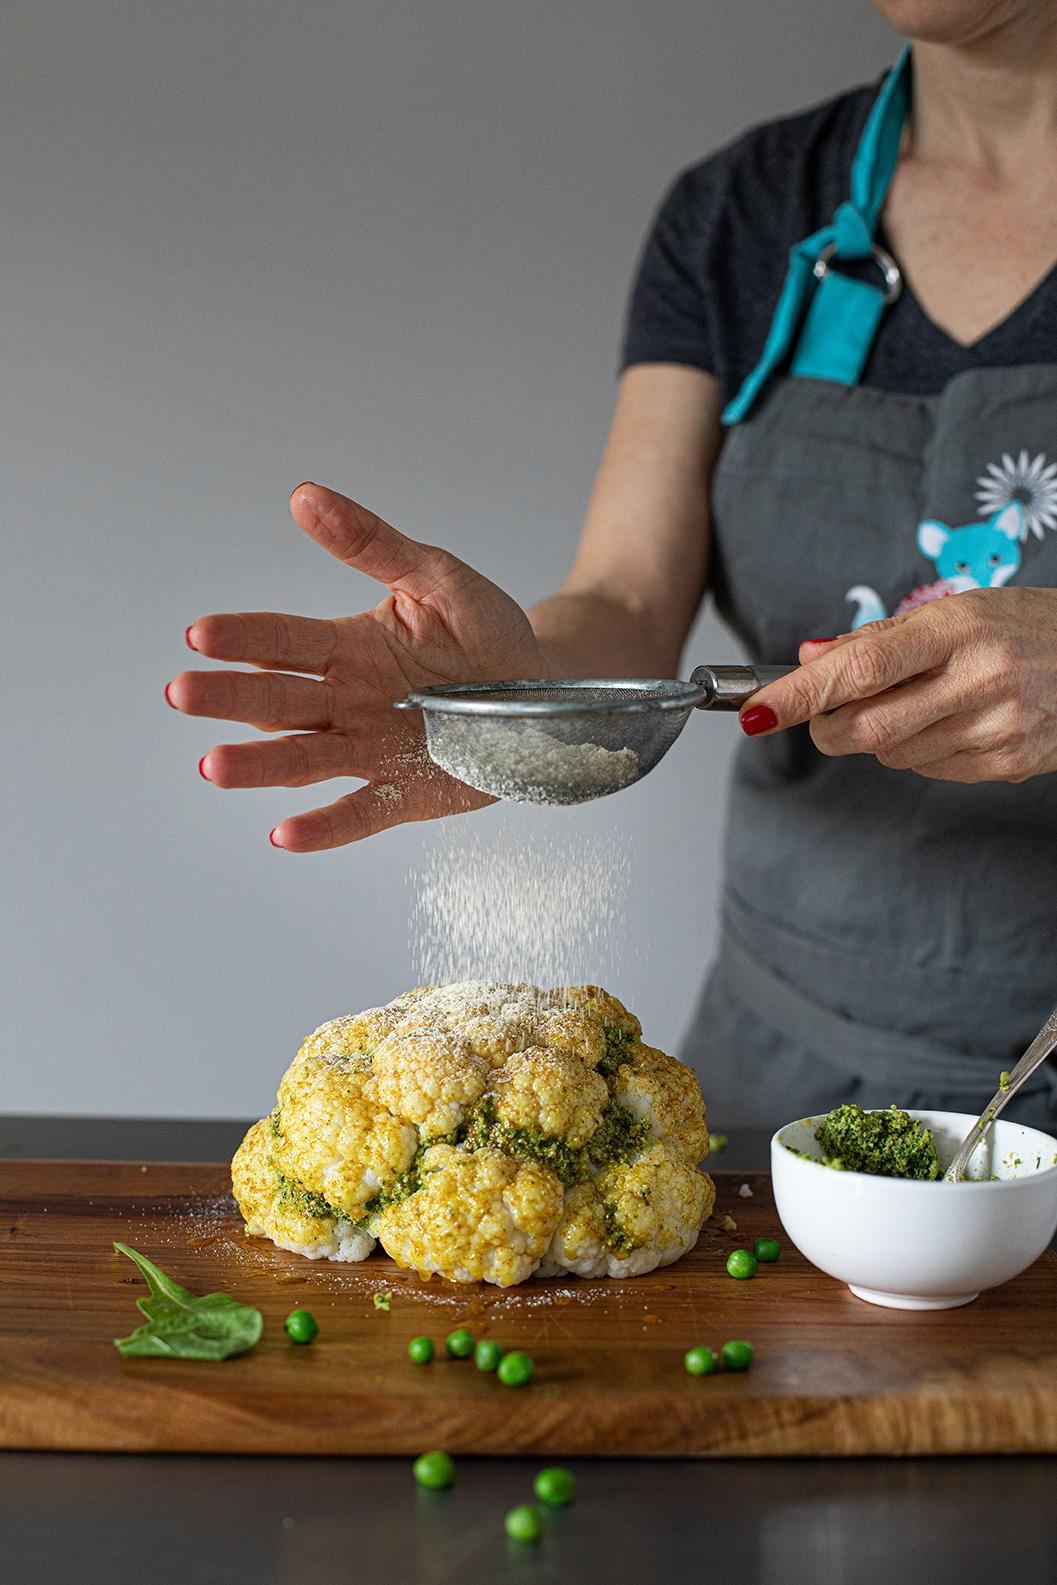 מפדרים את הכרובית בקמח חומוס